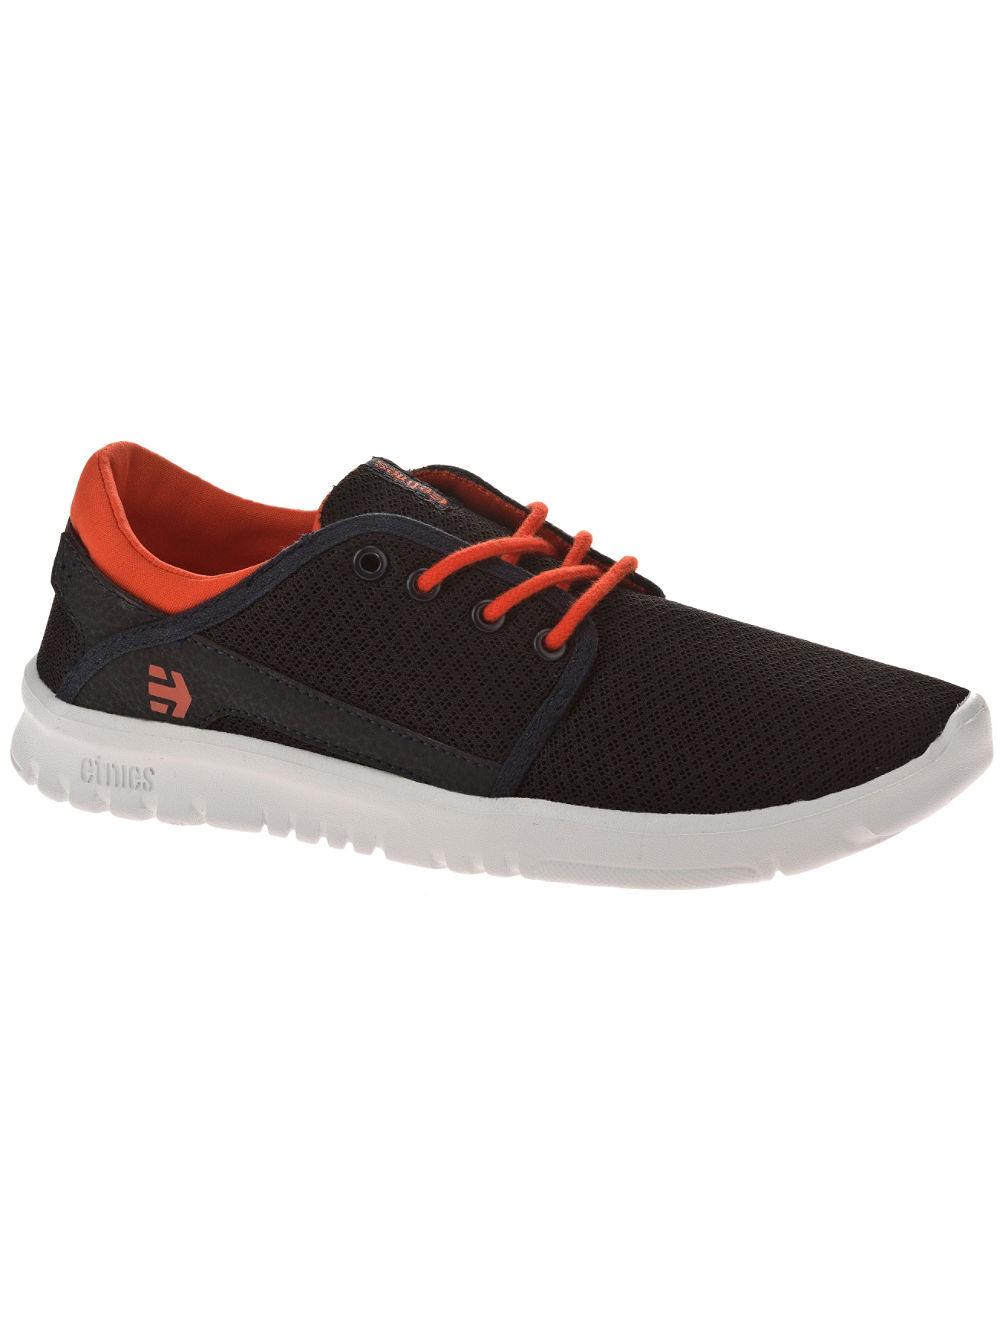 etnies-scout-sneakers-boys